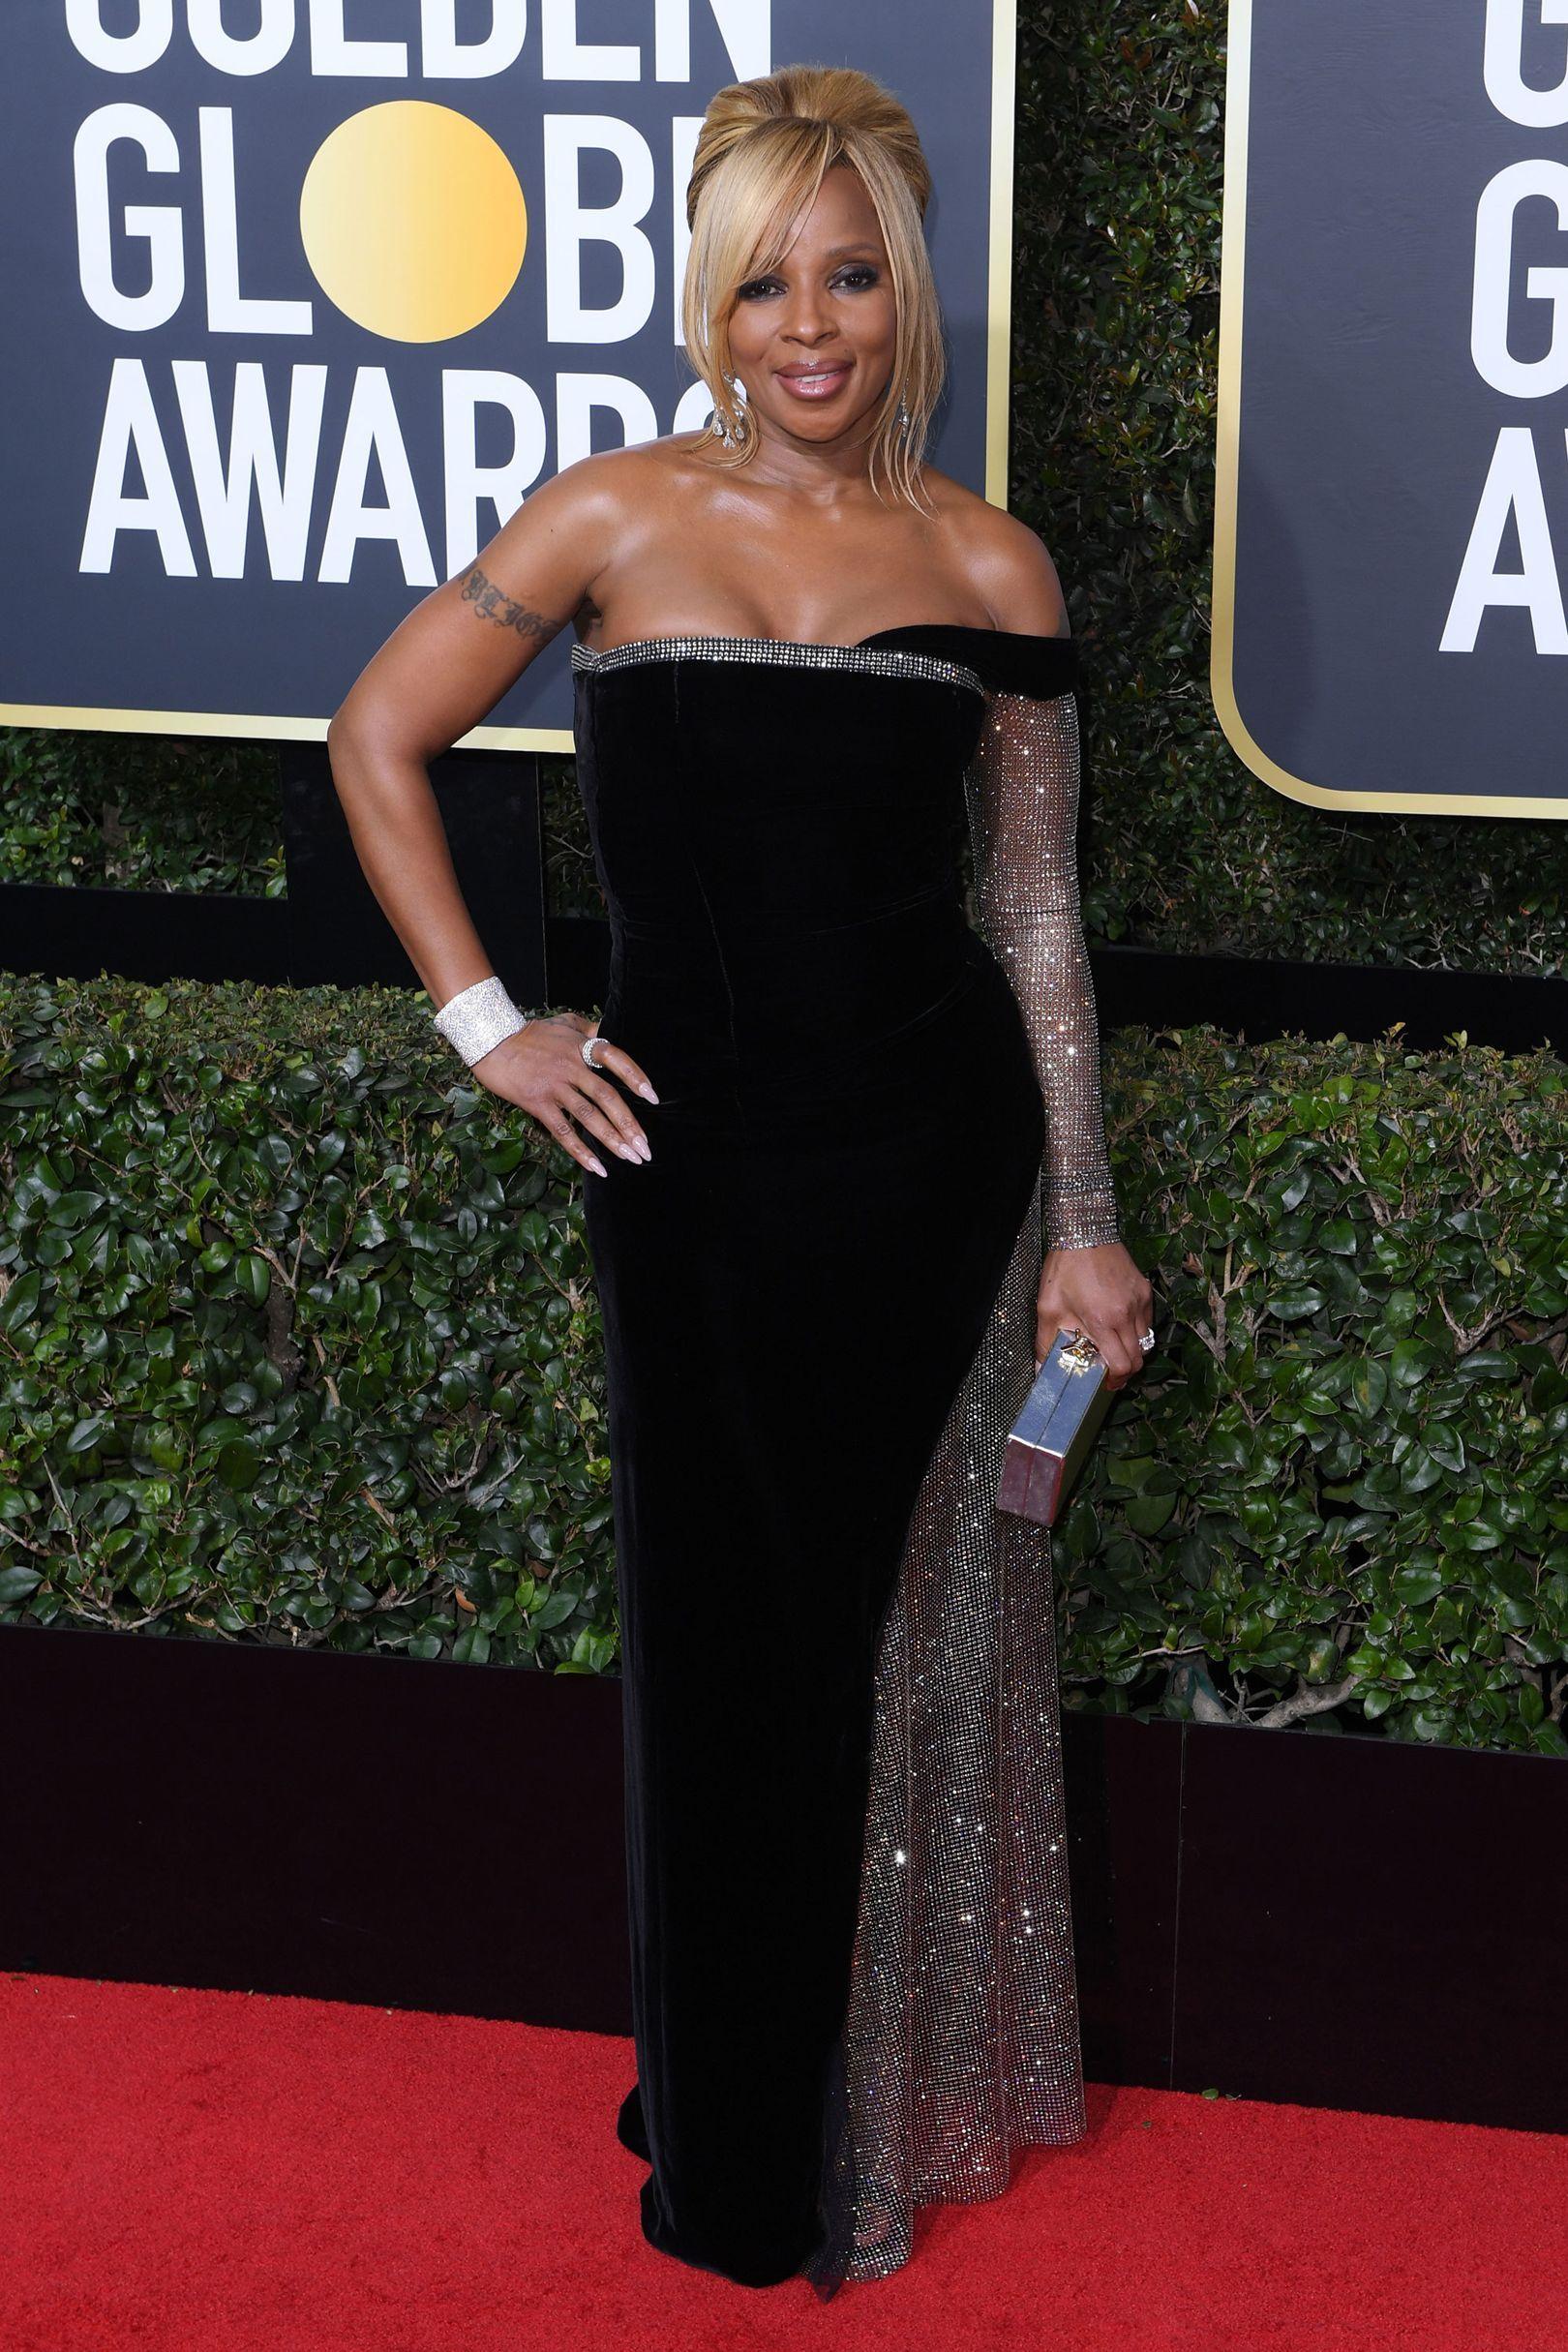 Golden Globes 2018 Red Carpet Dresses